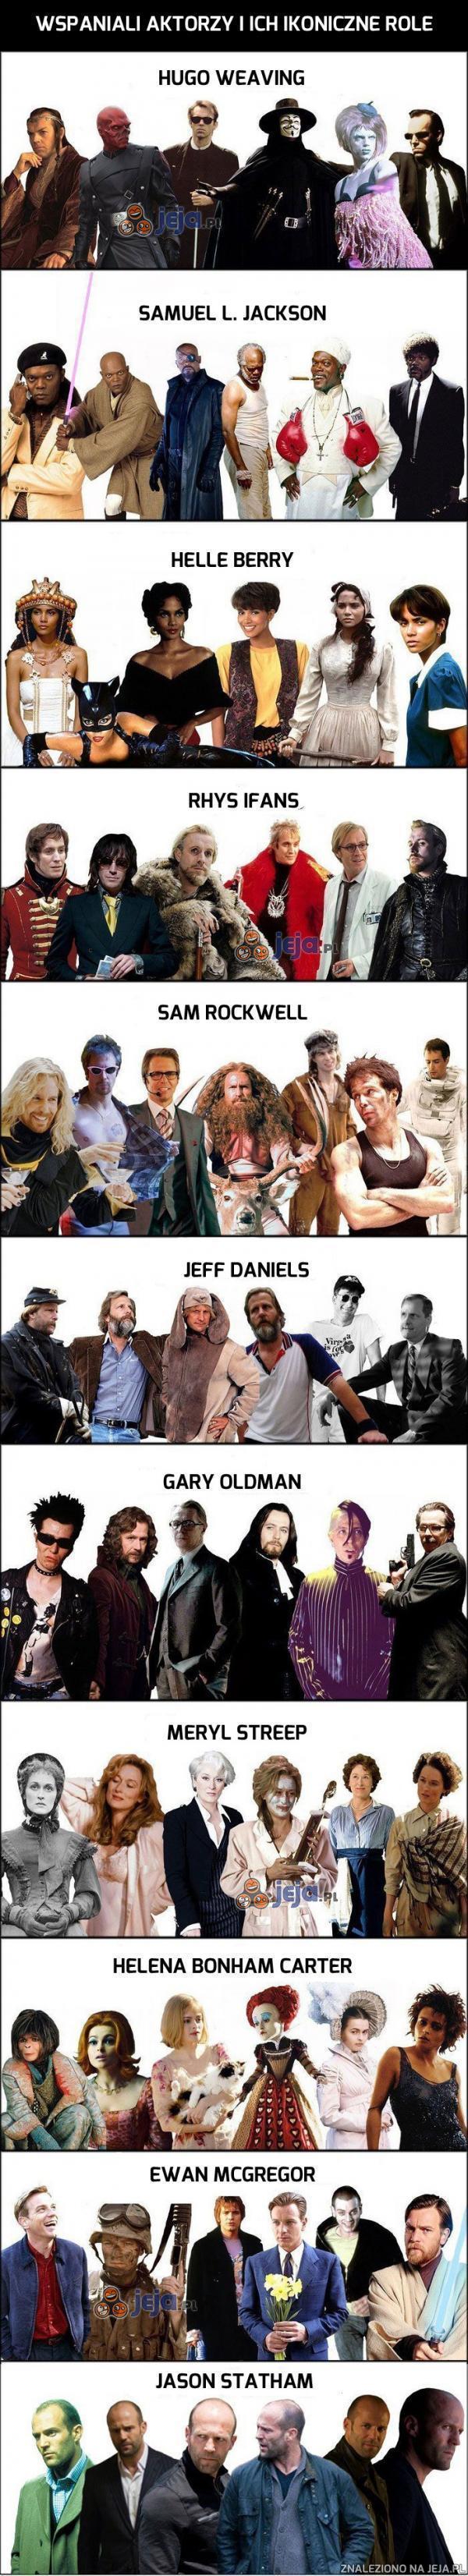 Wspaniali aktorzy i ich ikoniczne role